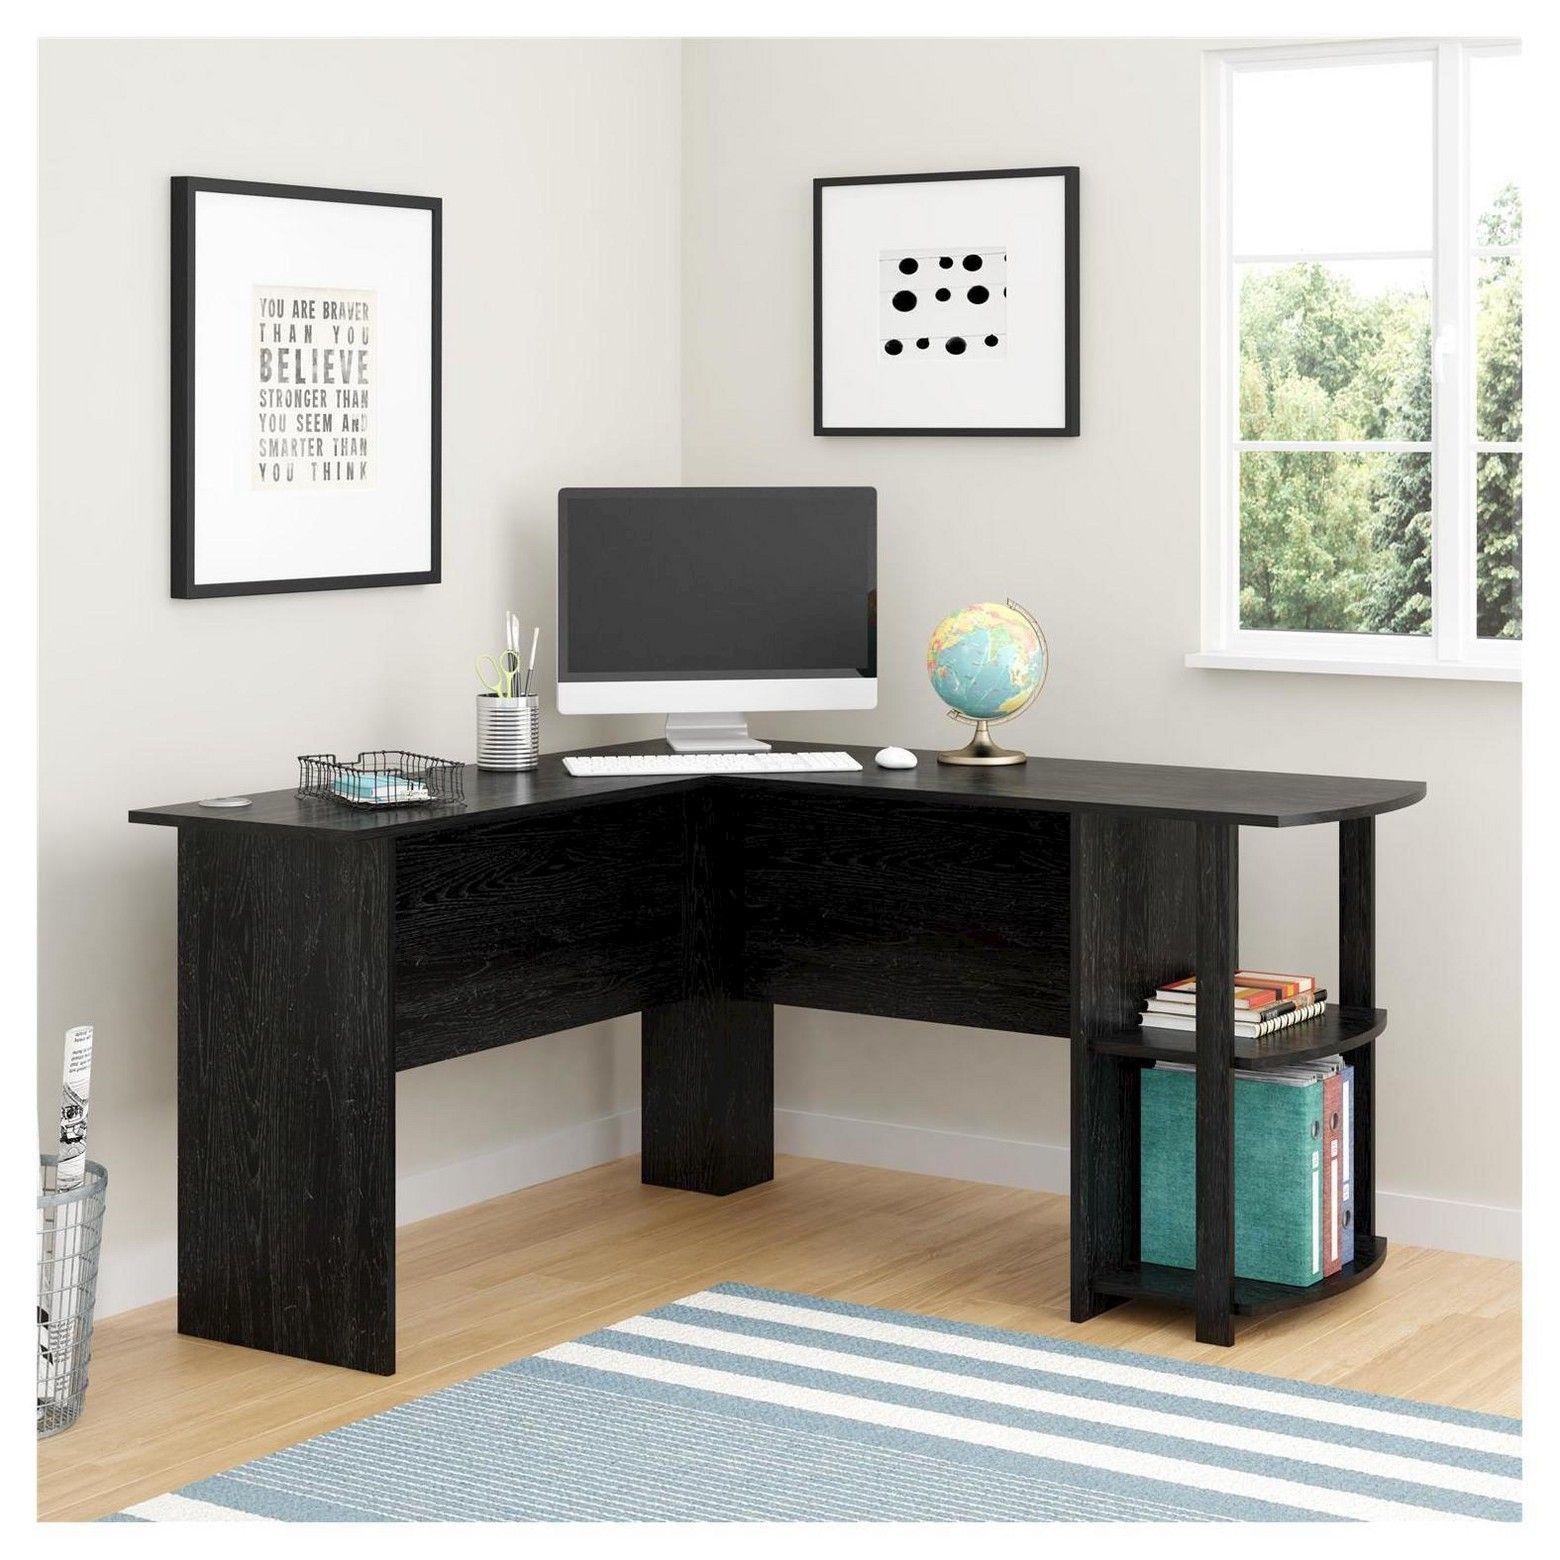 Altra dakota lshaped desk with bookshelves large desk open